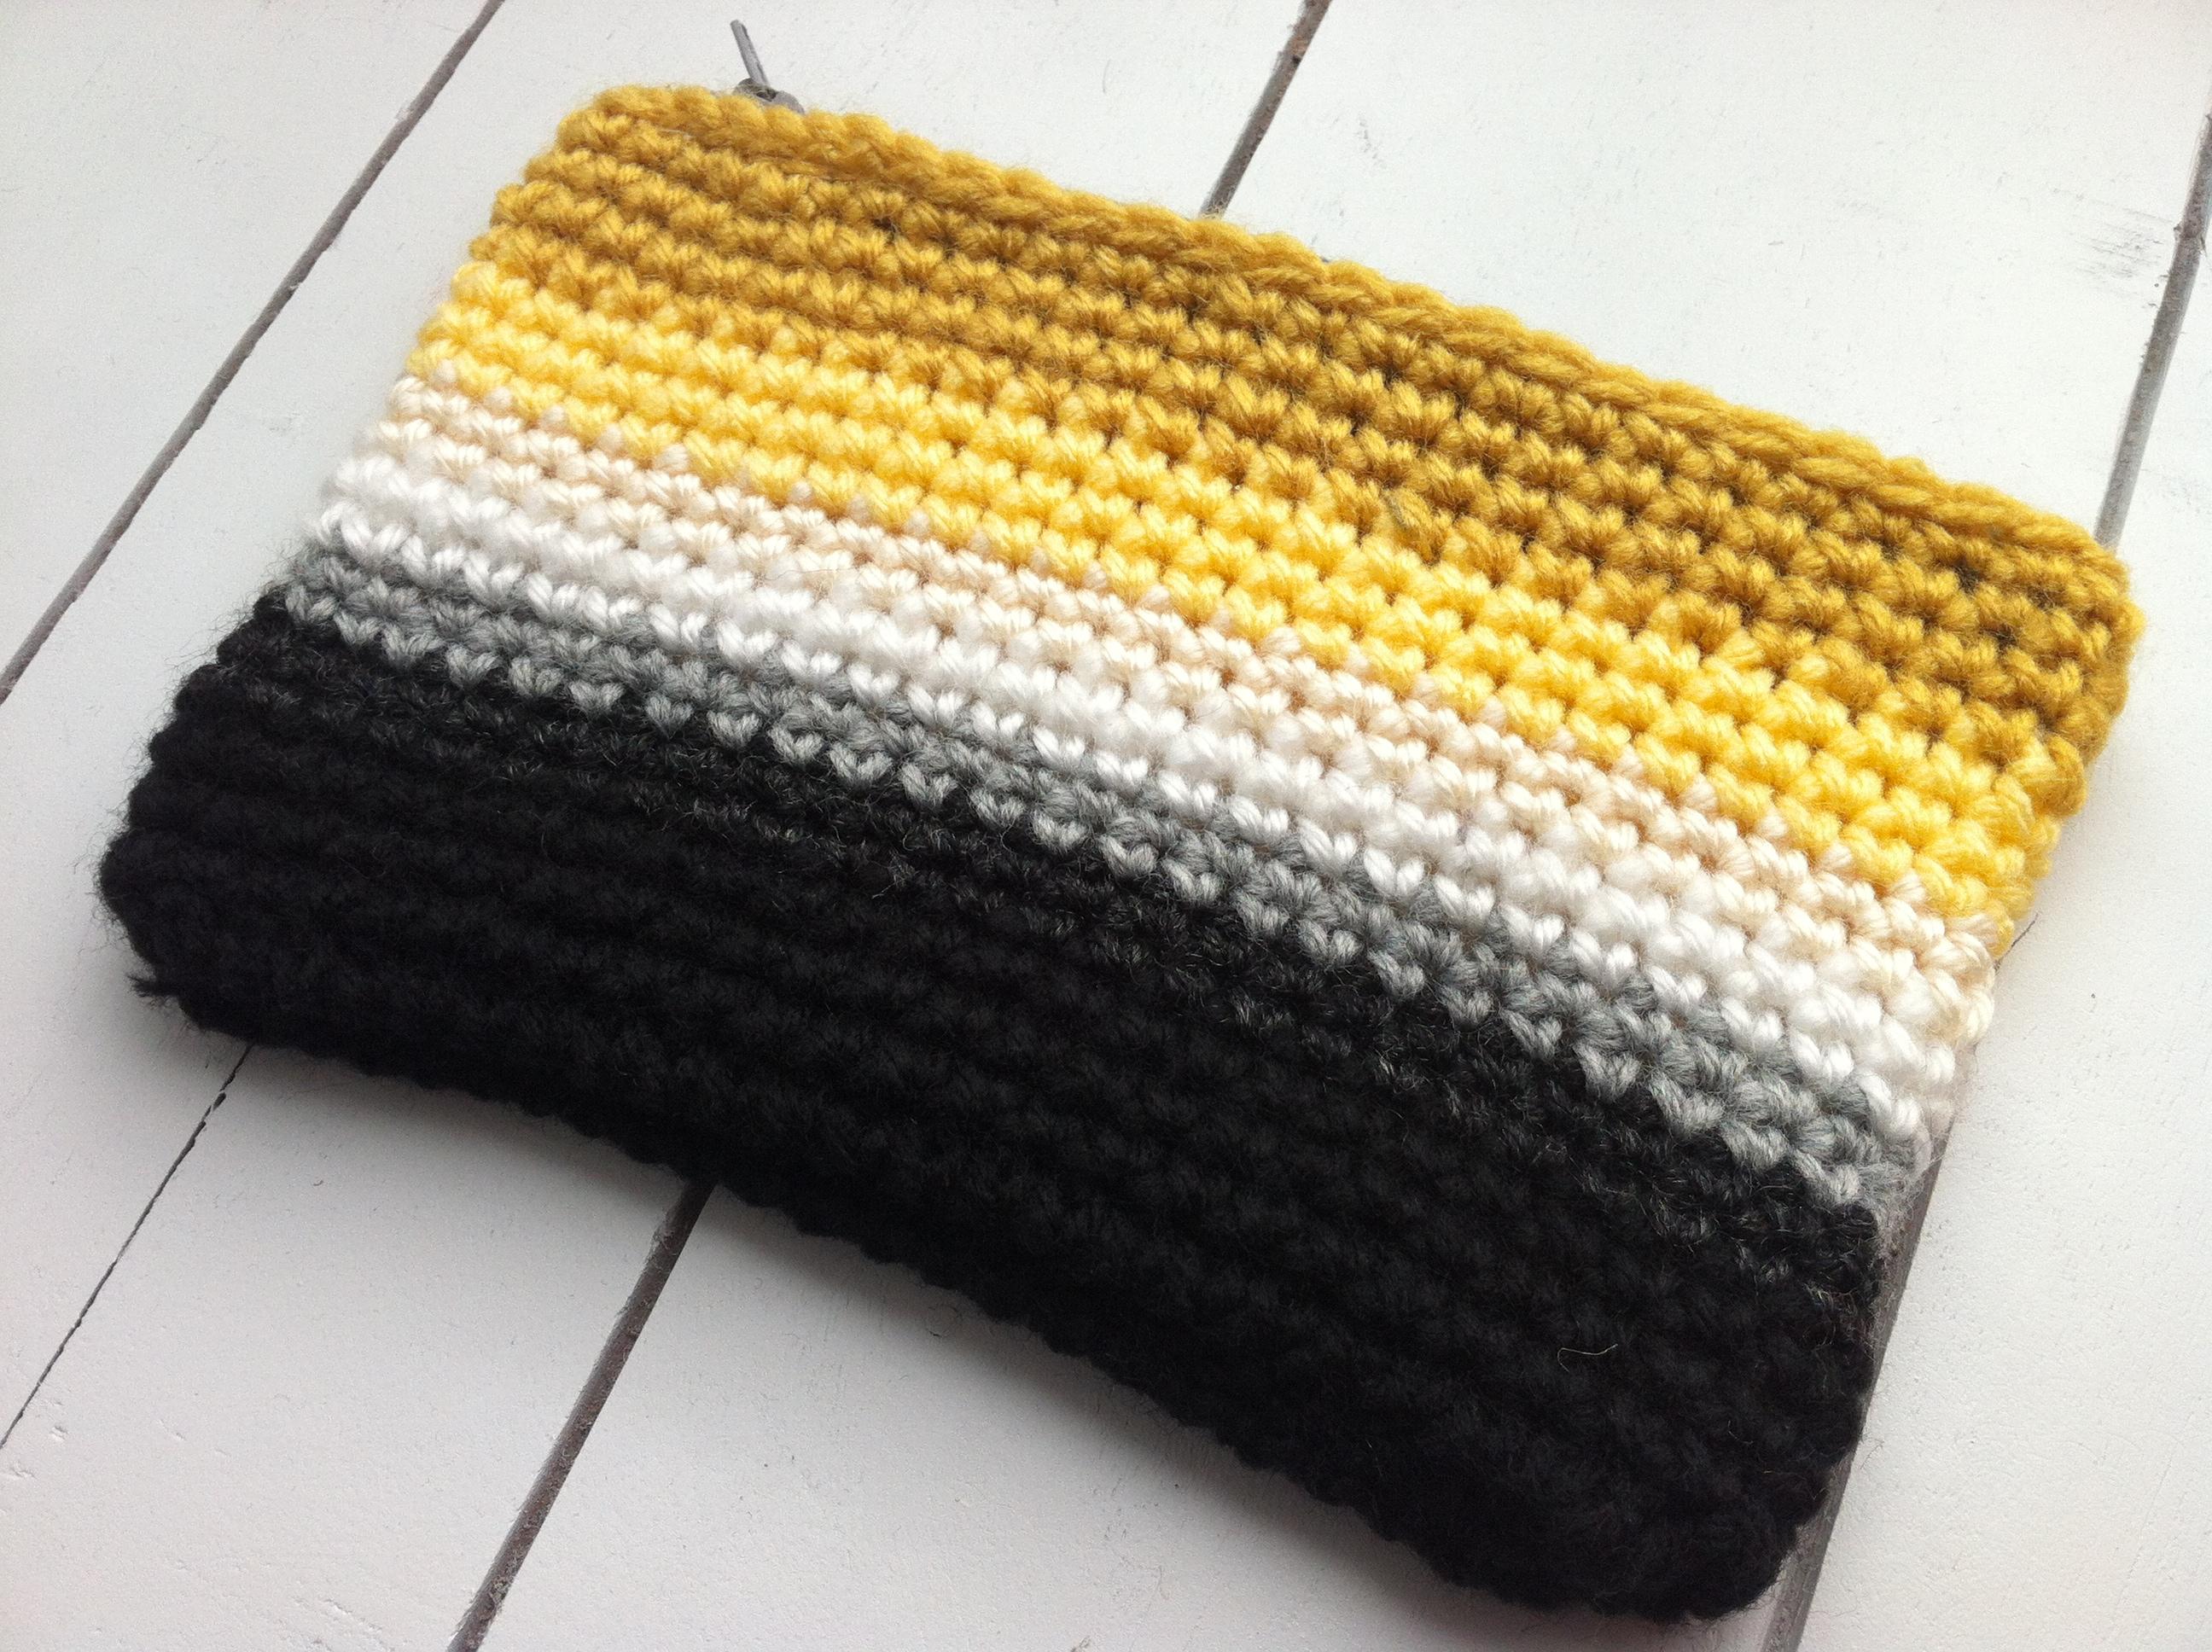 Knitting Zipper Tutorial : Crochet ombre zipper pouch